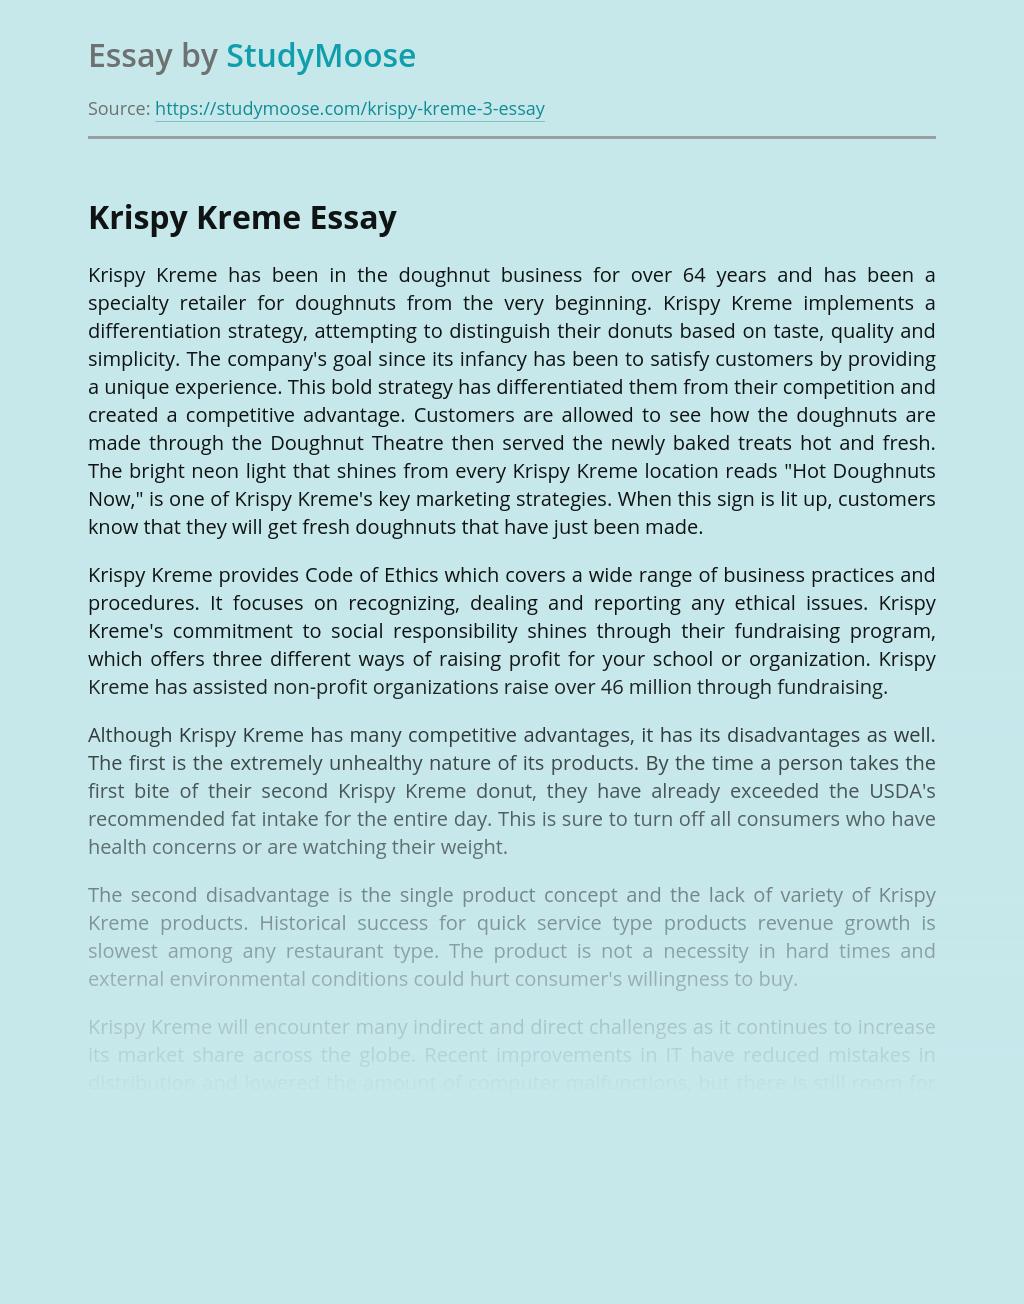 Krispy Kreme in Doughnut Business